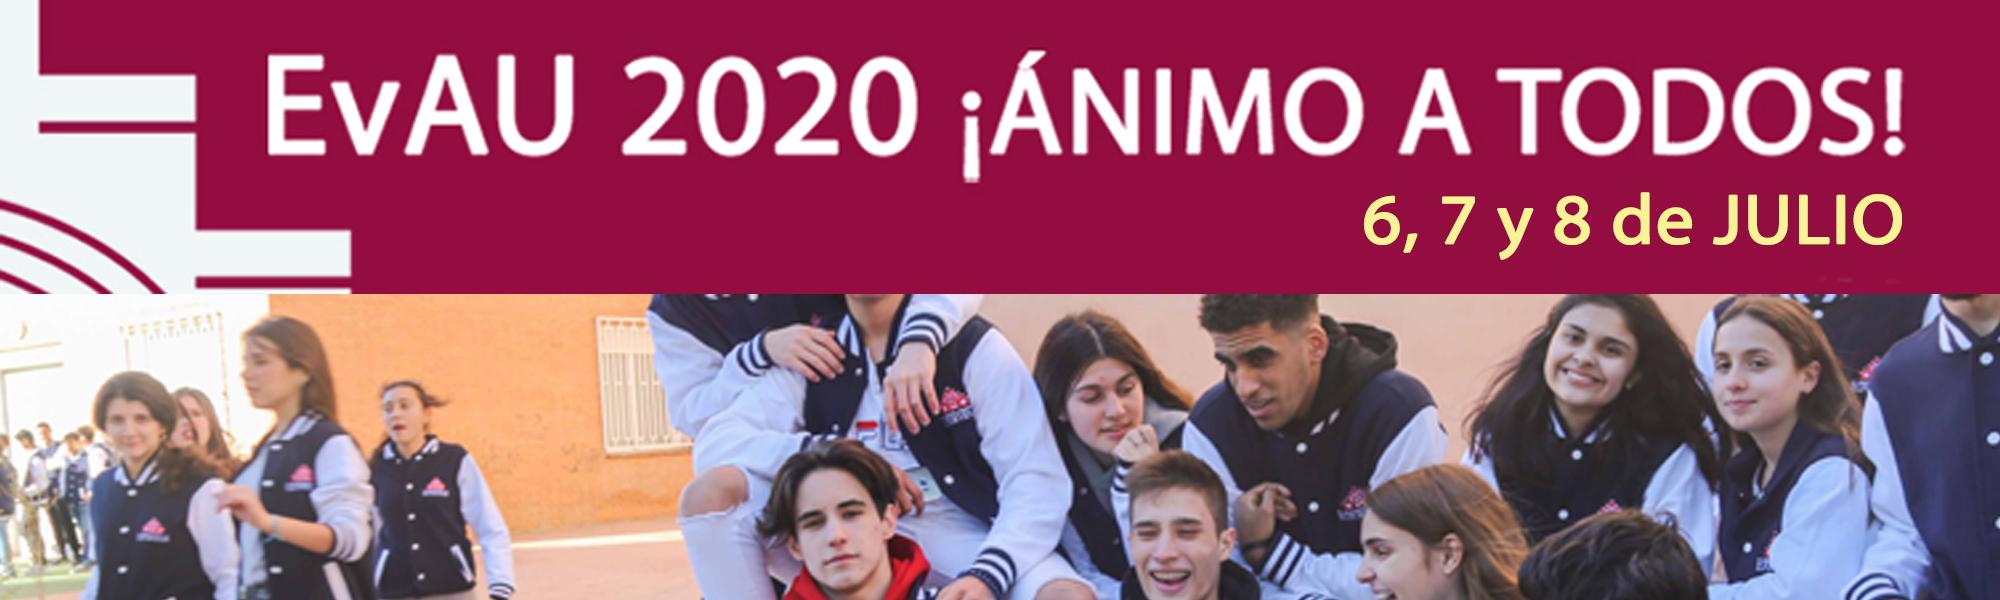 EvAU 2020 Bachillerato El Porvenir